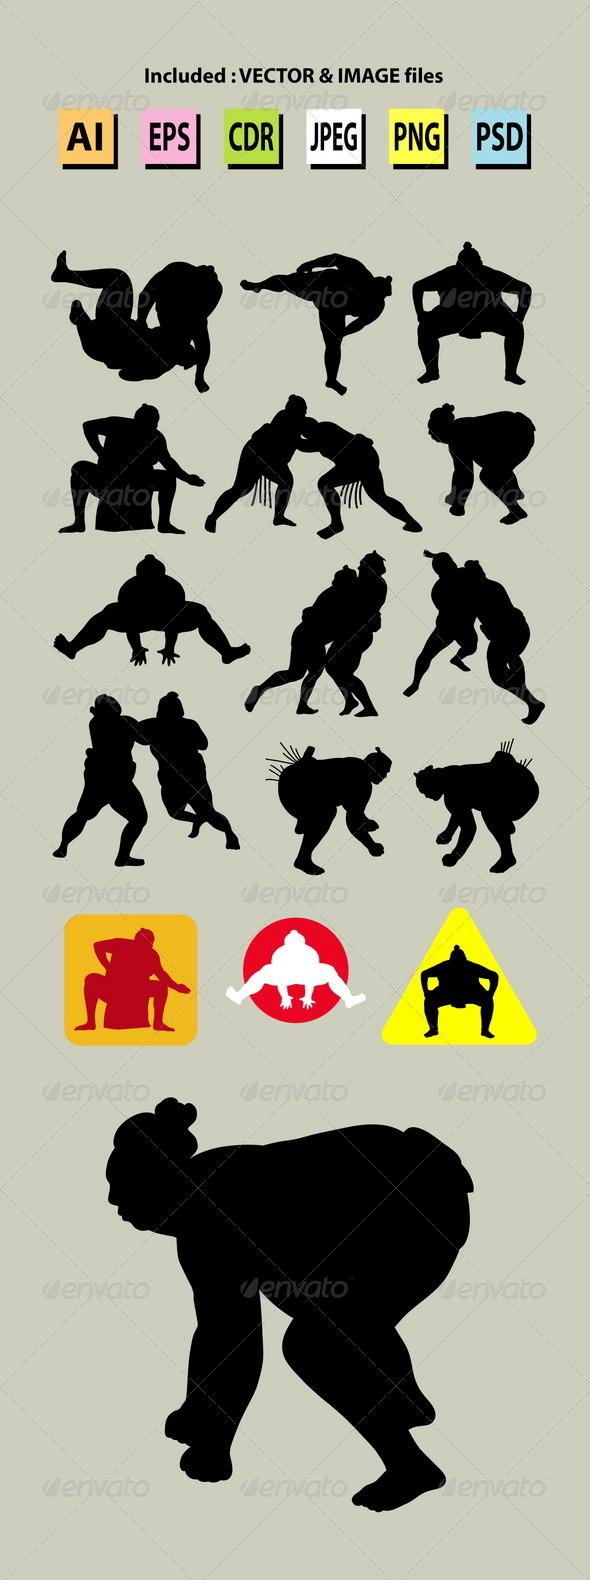 GraphicRiver Sumo Silhouettes 5857375